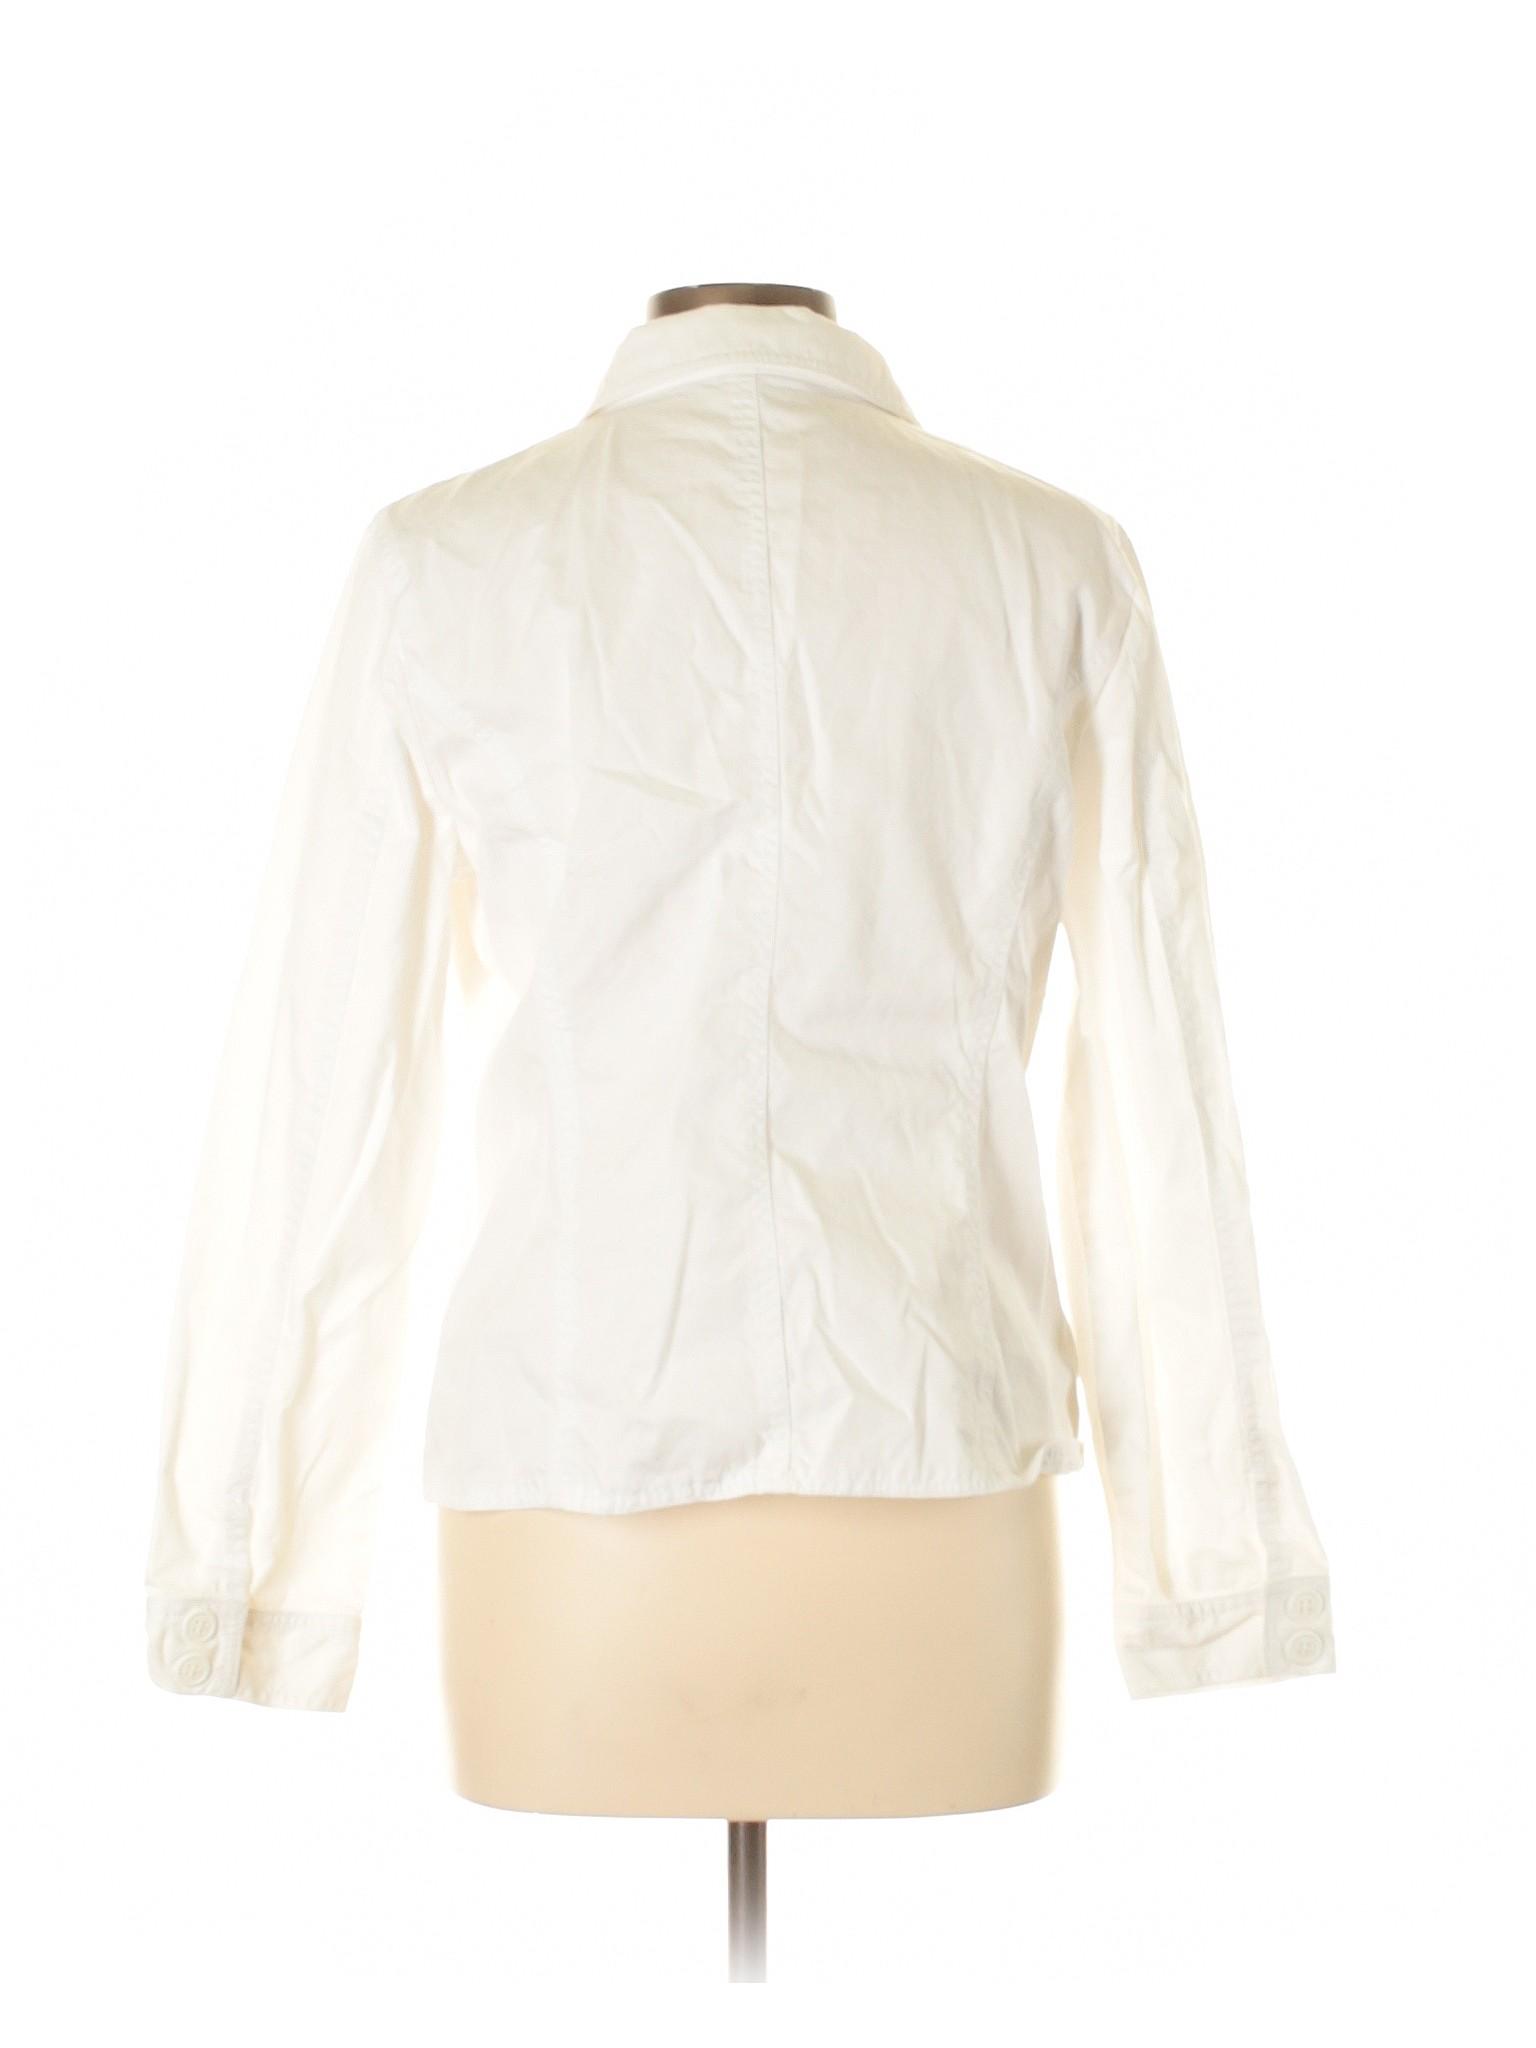 leisure Covington Boutique Covington Boutique leisure Jacket Jacket zIdqIF